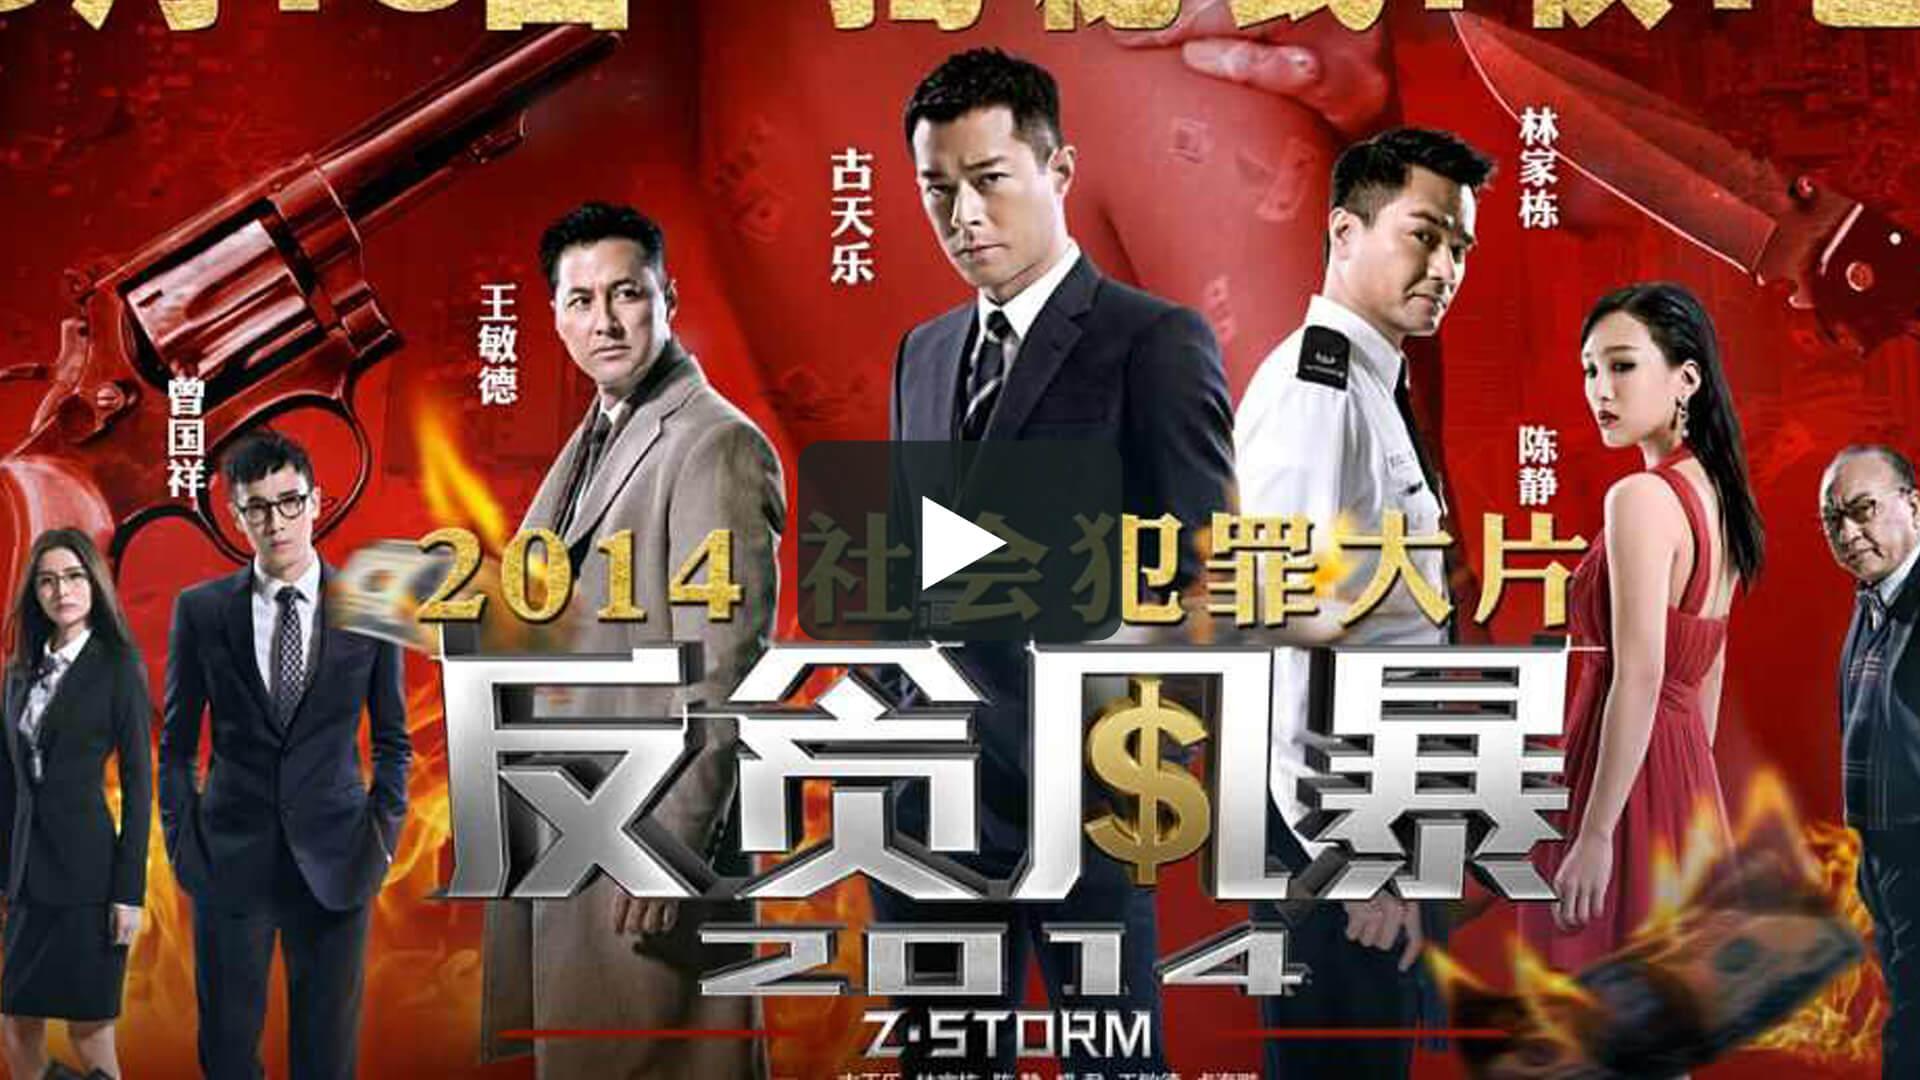 反貪風暴 - Z Storm